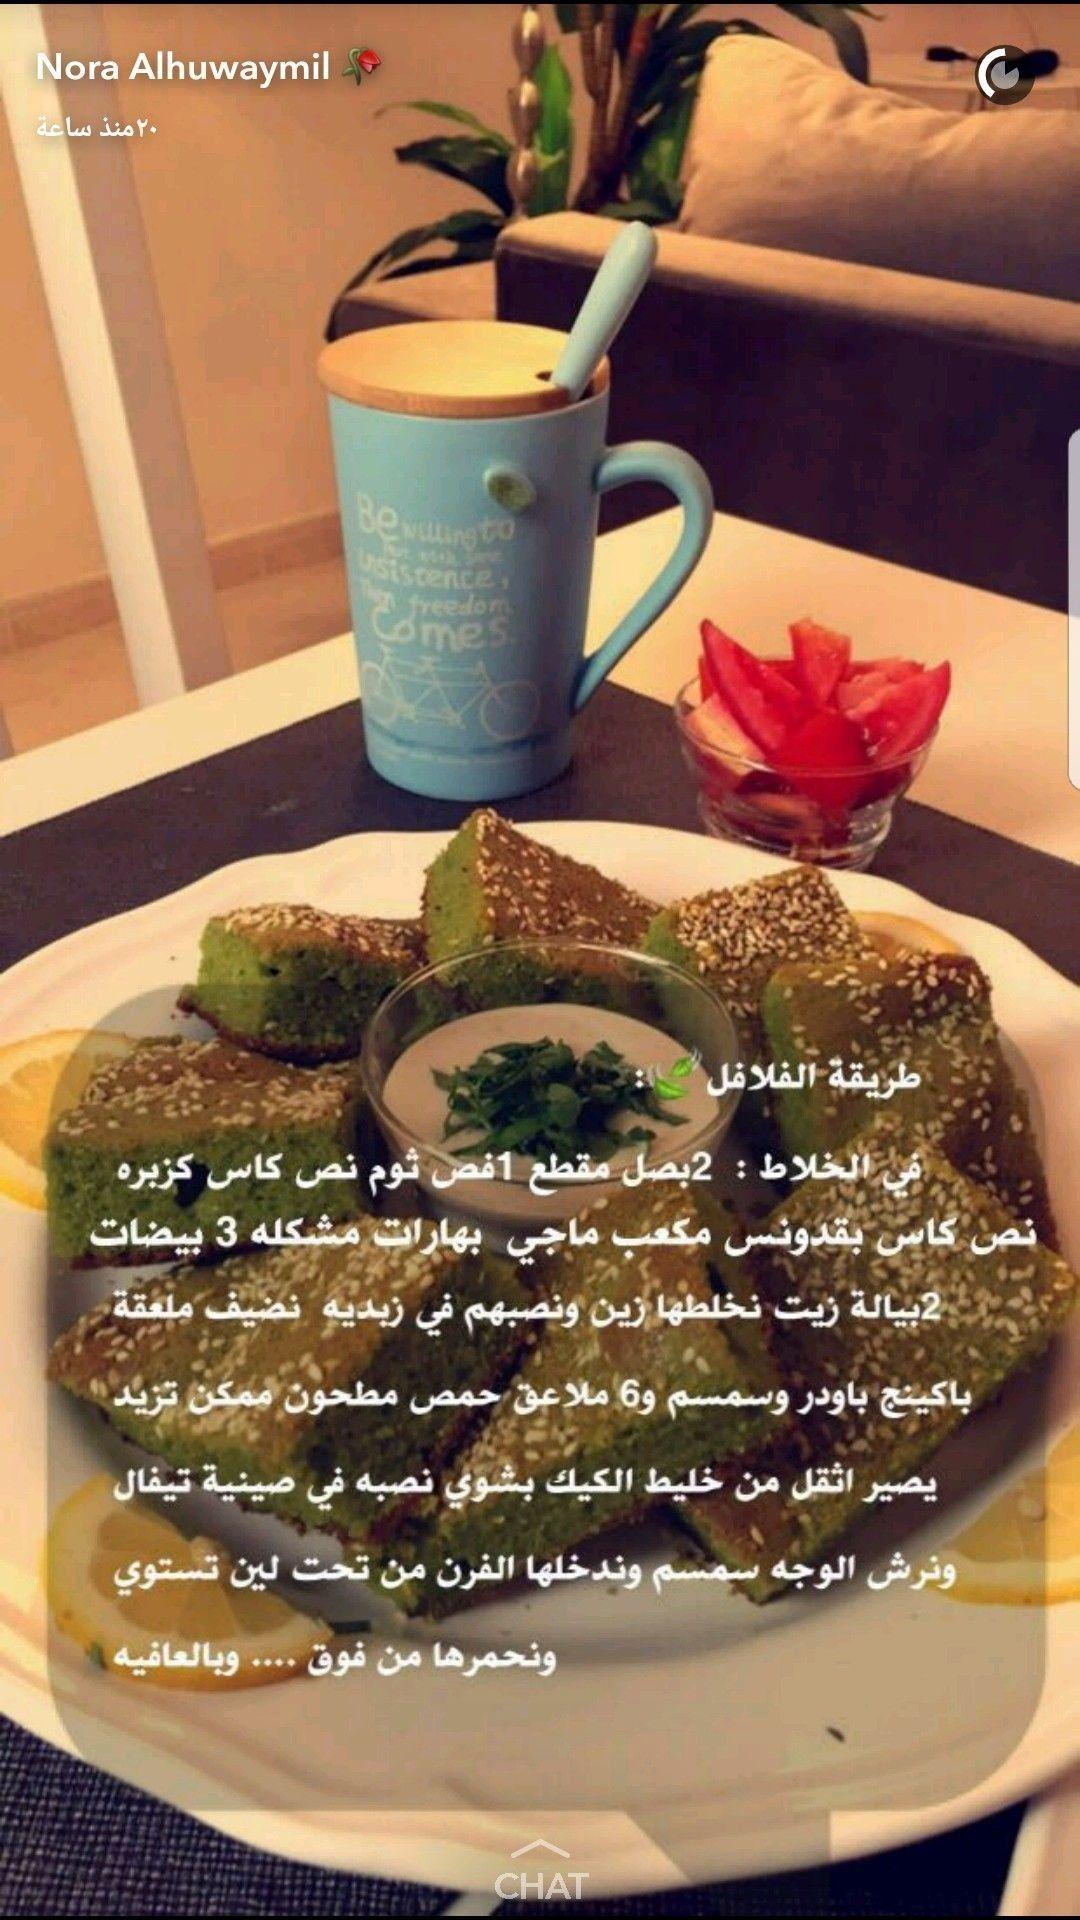 Pin By Zaaha 23 On Arabic Food Food Receipes Food Recipies Food And Drink